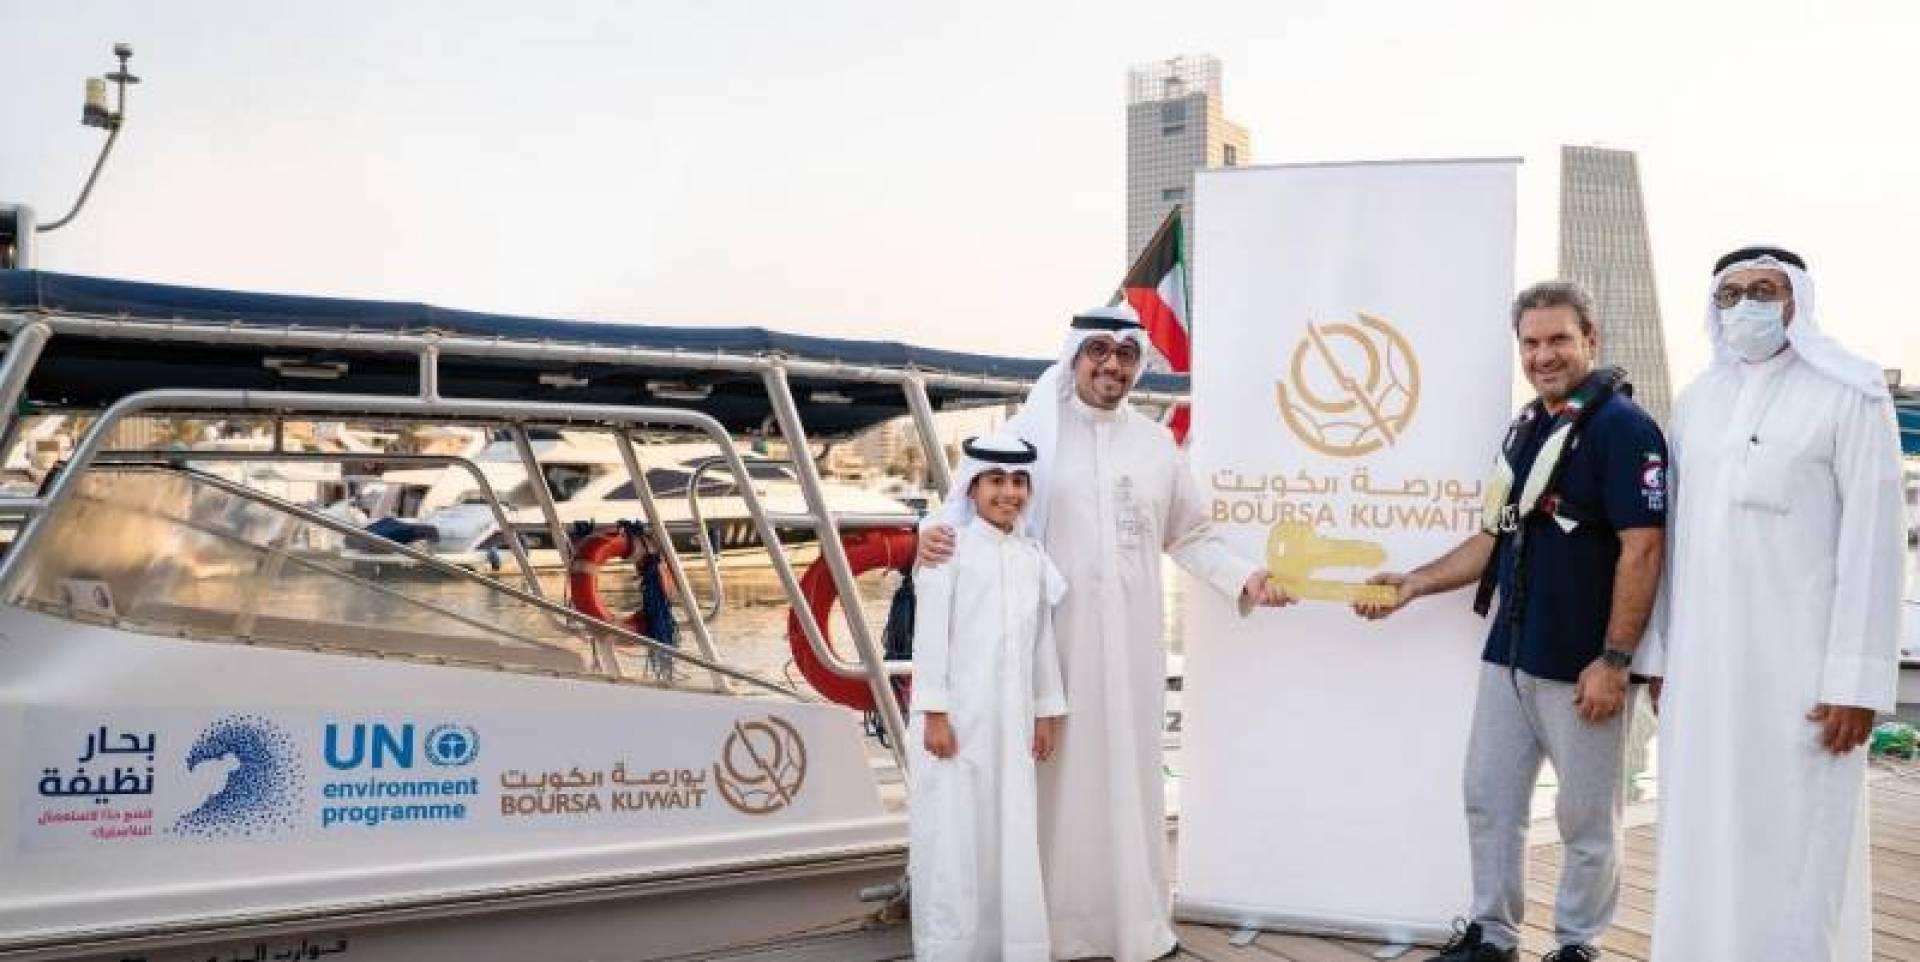 بورصة الكويت تدعم مبادرة فريق الغوص